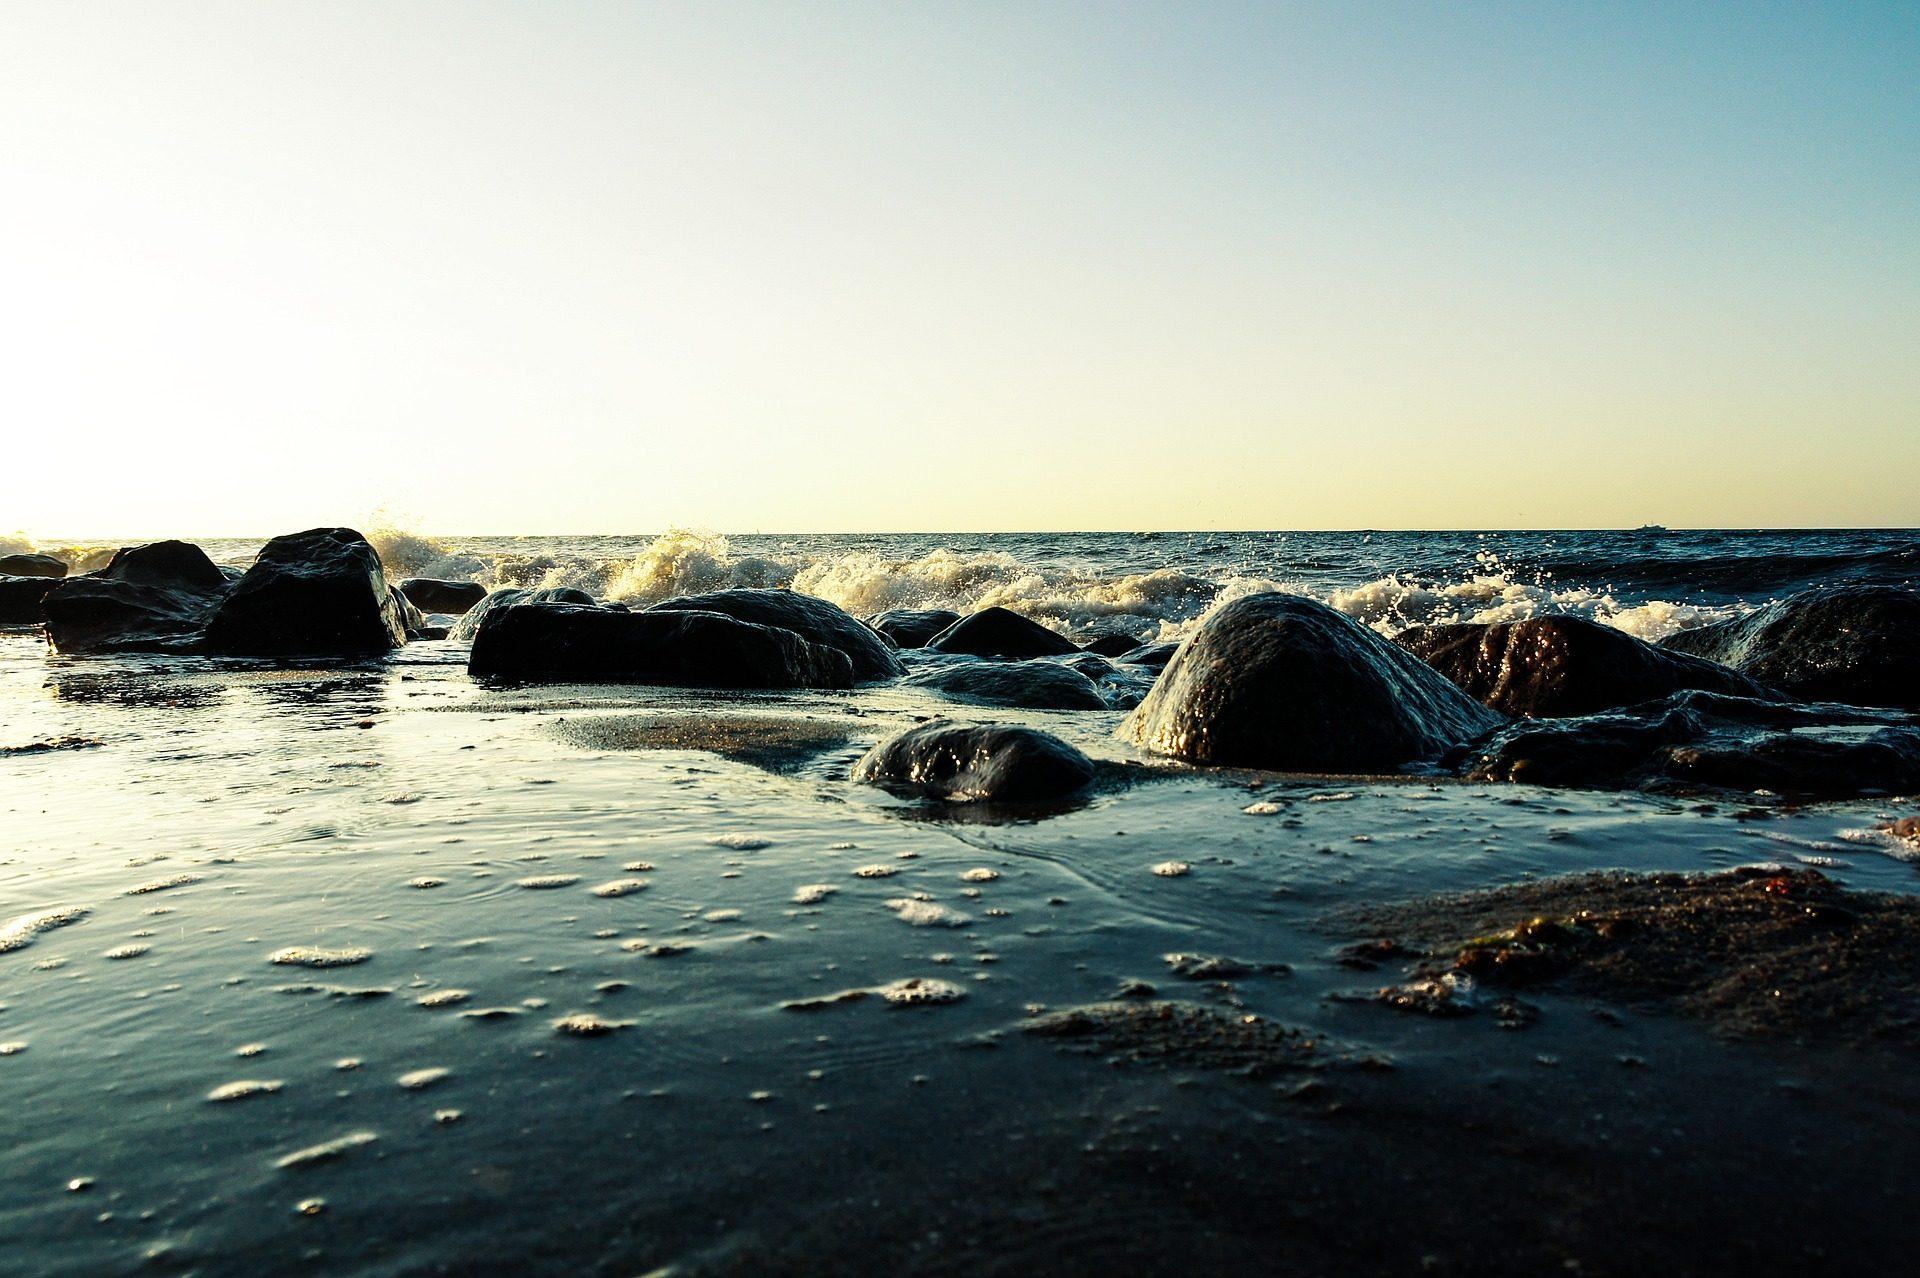 सागर, महासागर, पत्थर, Rocas, पानी, लहरें - HD वॉलपेपर - प्रोफेसर-falken.com